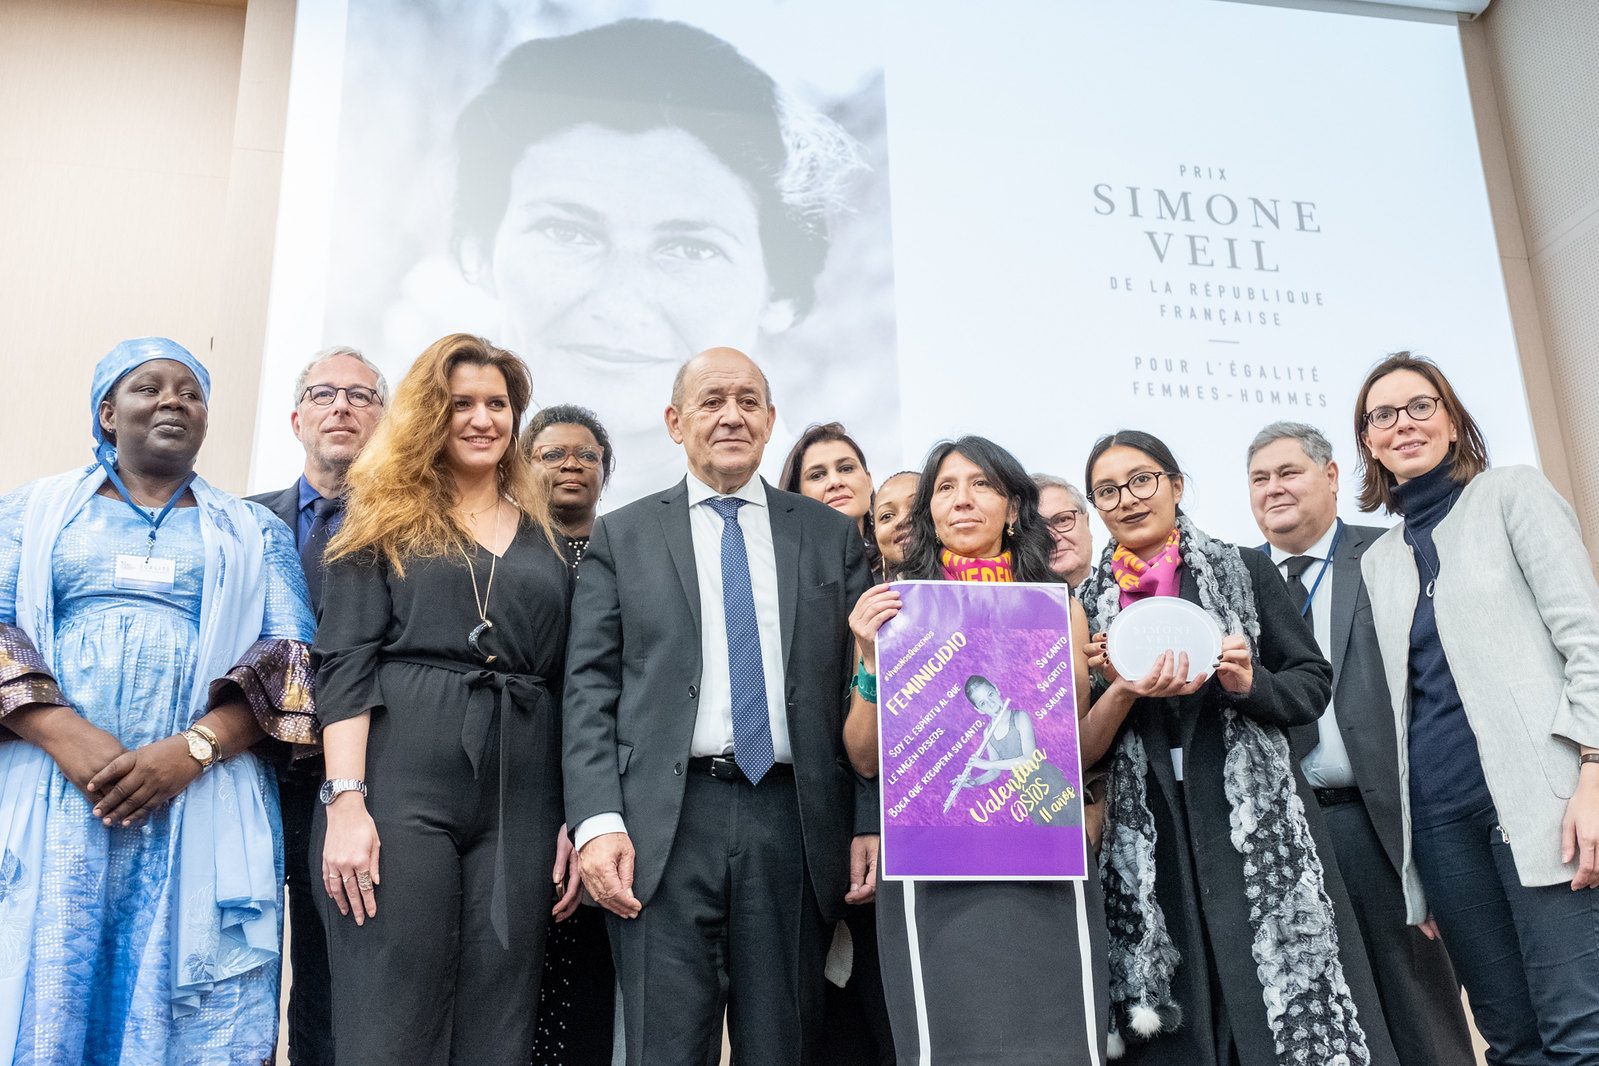 Remise du prix Simone Veil de la République française